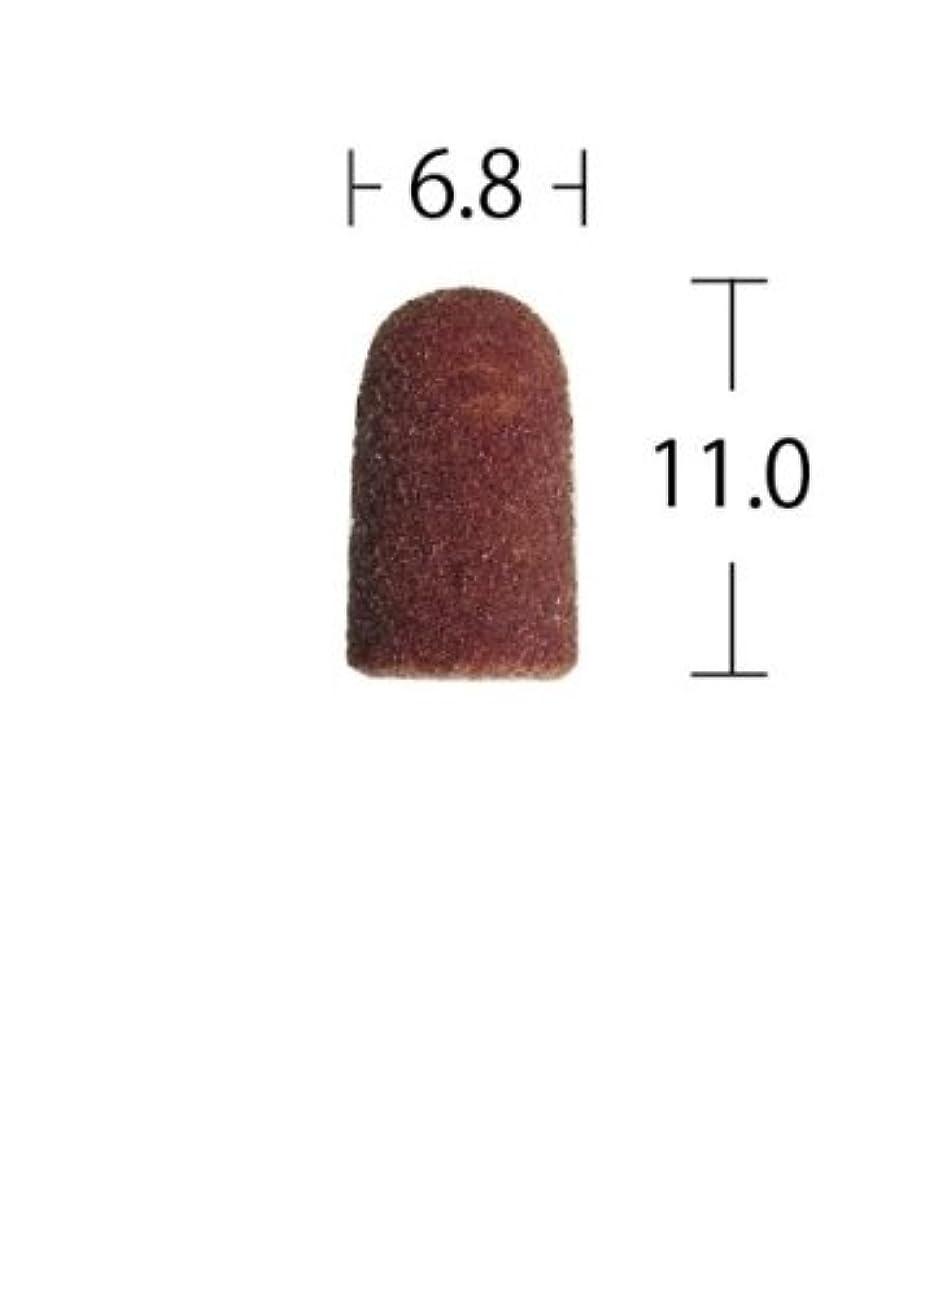 方法論医薬品呼びかけるキャップサンダー 細目#150 b-5F 直径 5mm 3個入